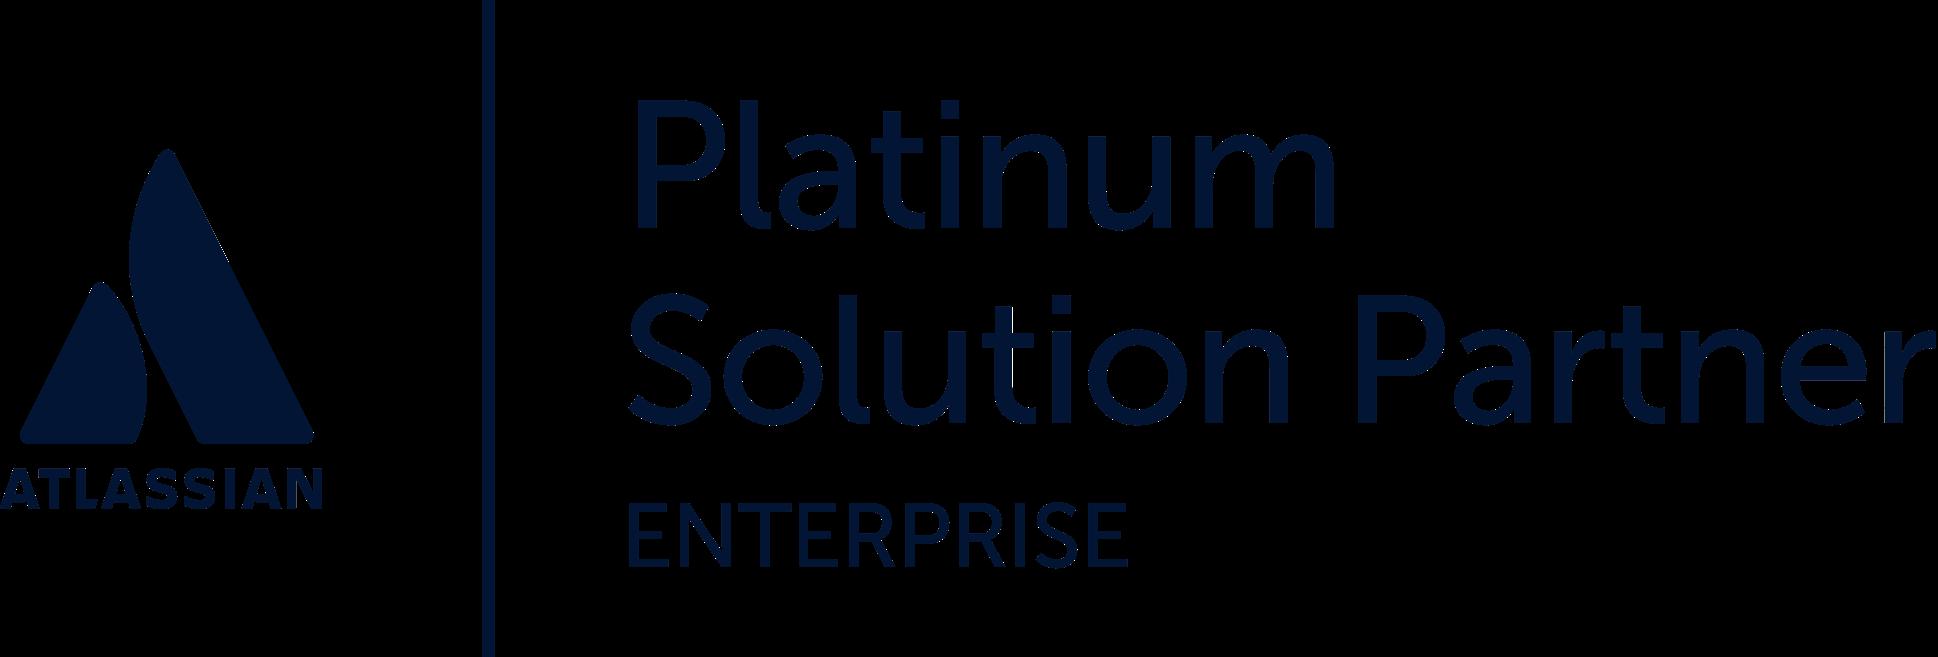 Atlassian platinum solution partner logo